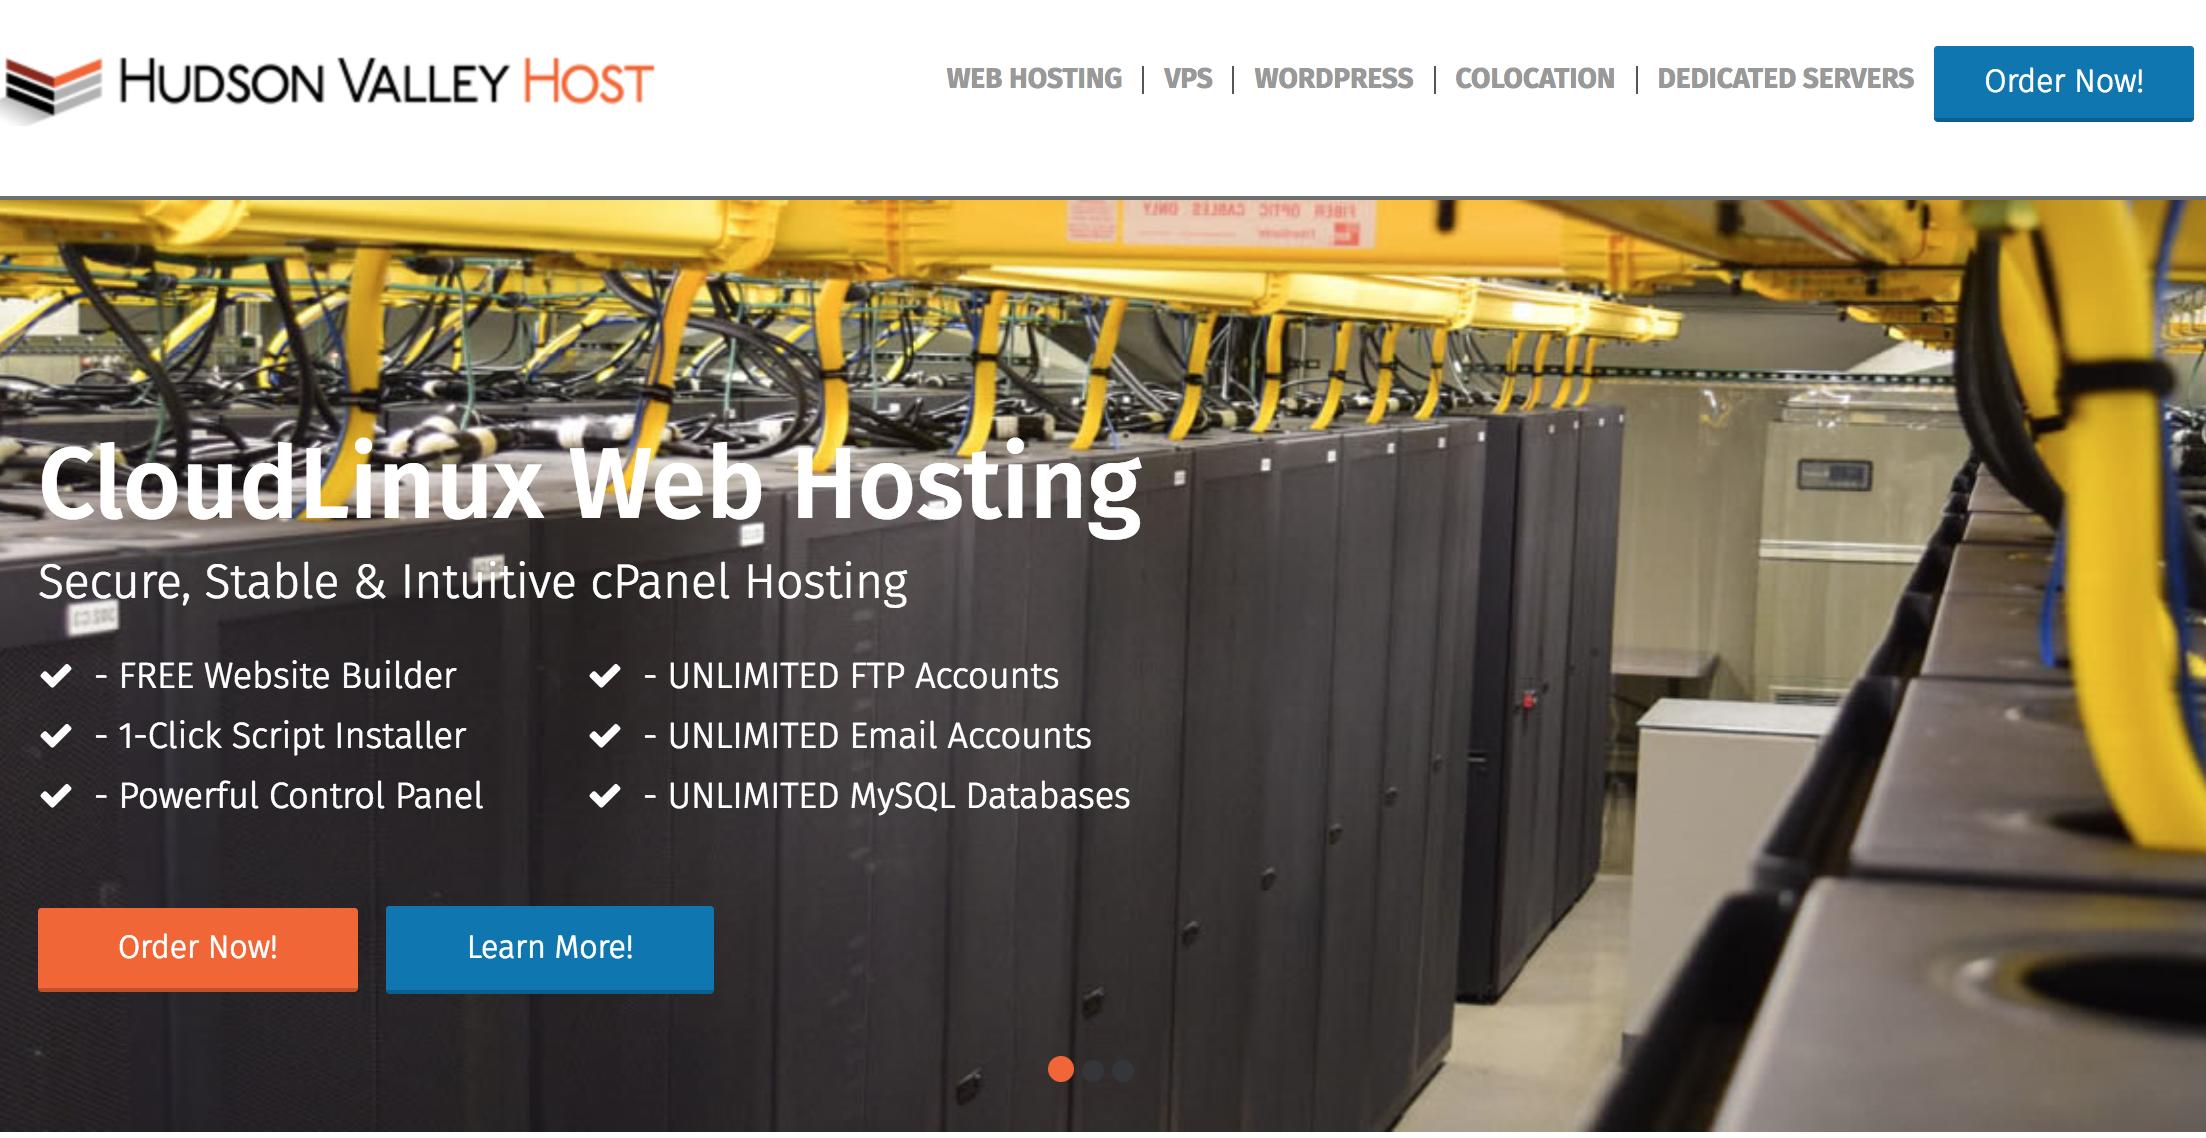 HudsonValleyHost VPS优惠信息 -VPS虚拟主机-Linux/Windows 年付50美元-纽约VPS